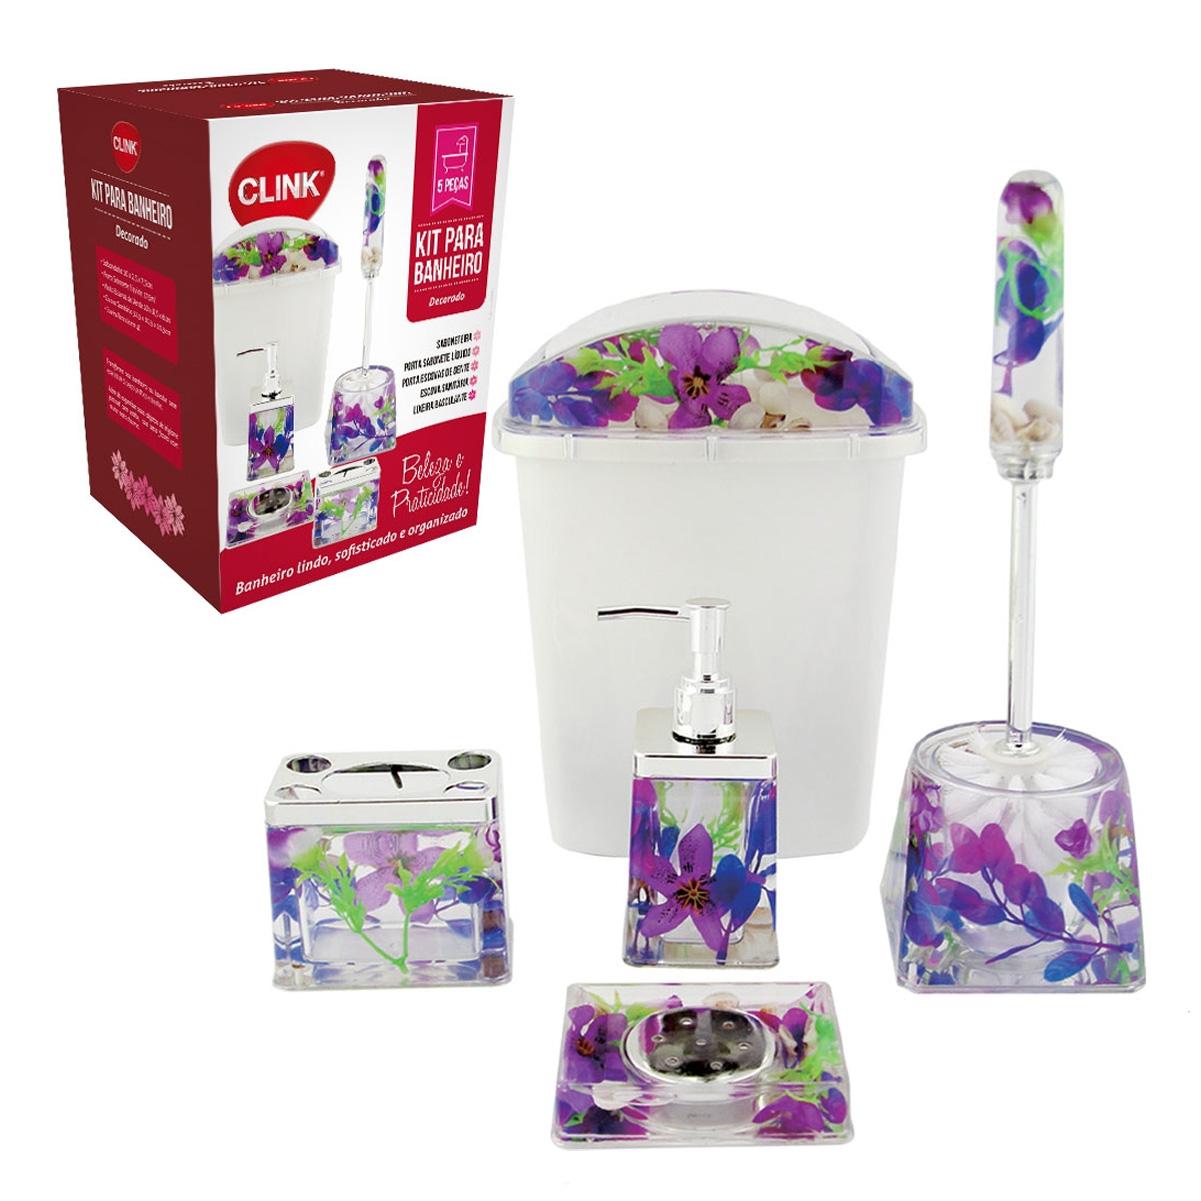 Kit Banheiro 5 Peças Lixeira Saboneteira Escova Sanitária